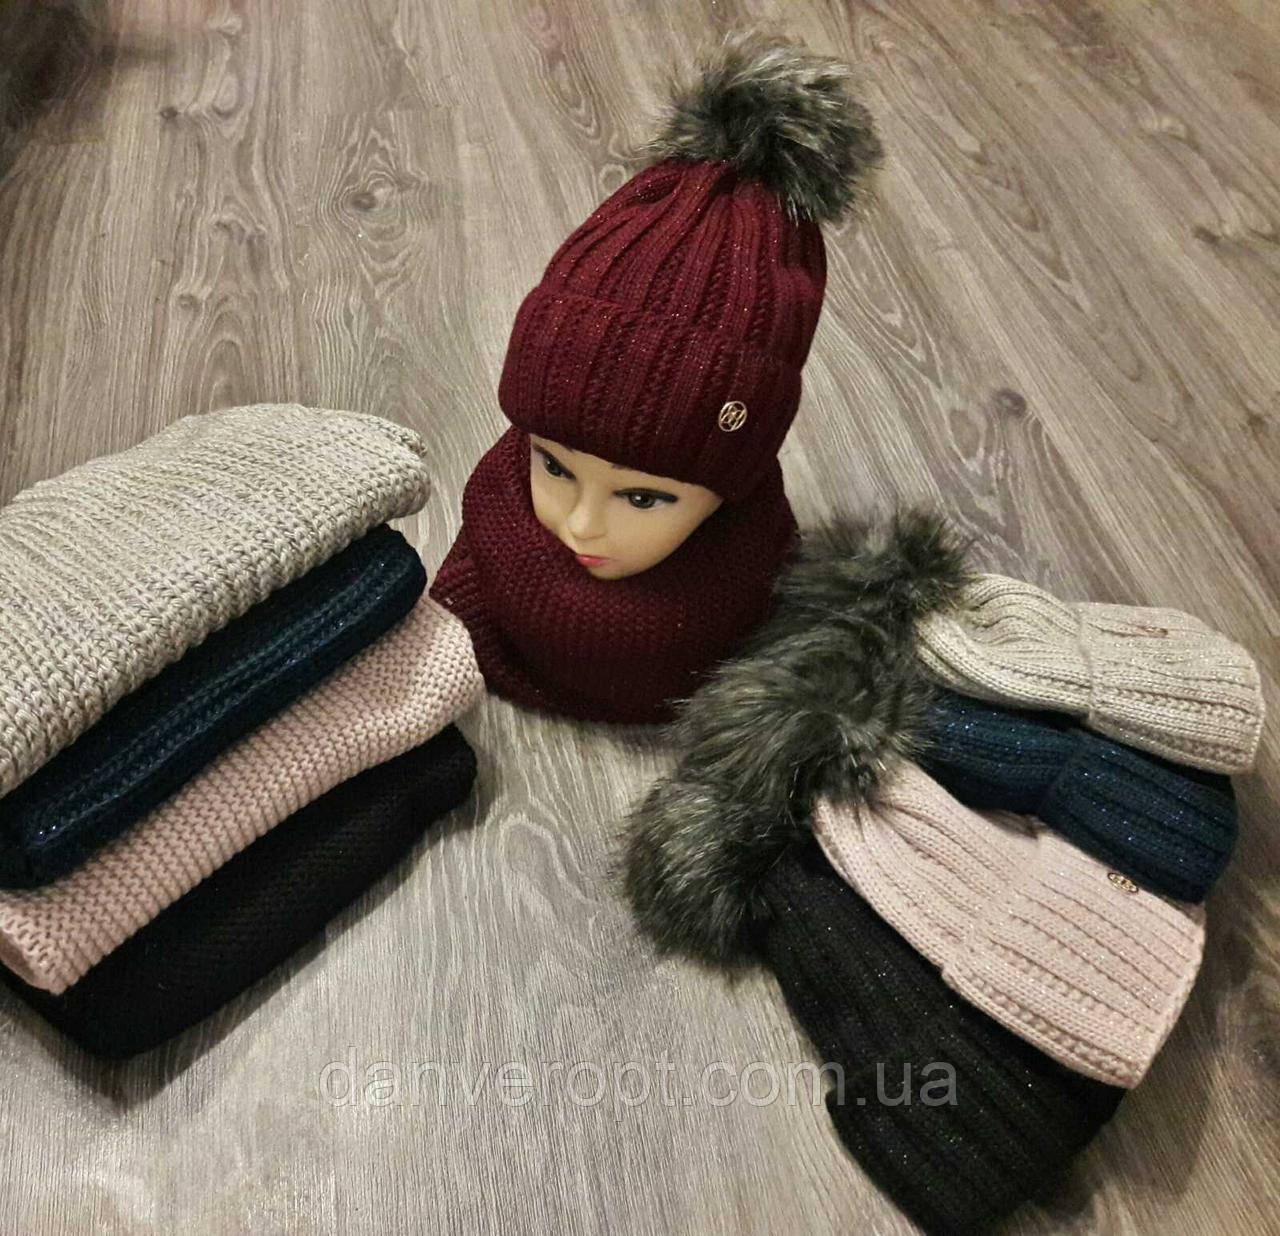 Комплект: шапка+снуд женский молодежный с бубоном размер 56-58 см купить оптом со склада 7км Одесса